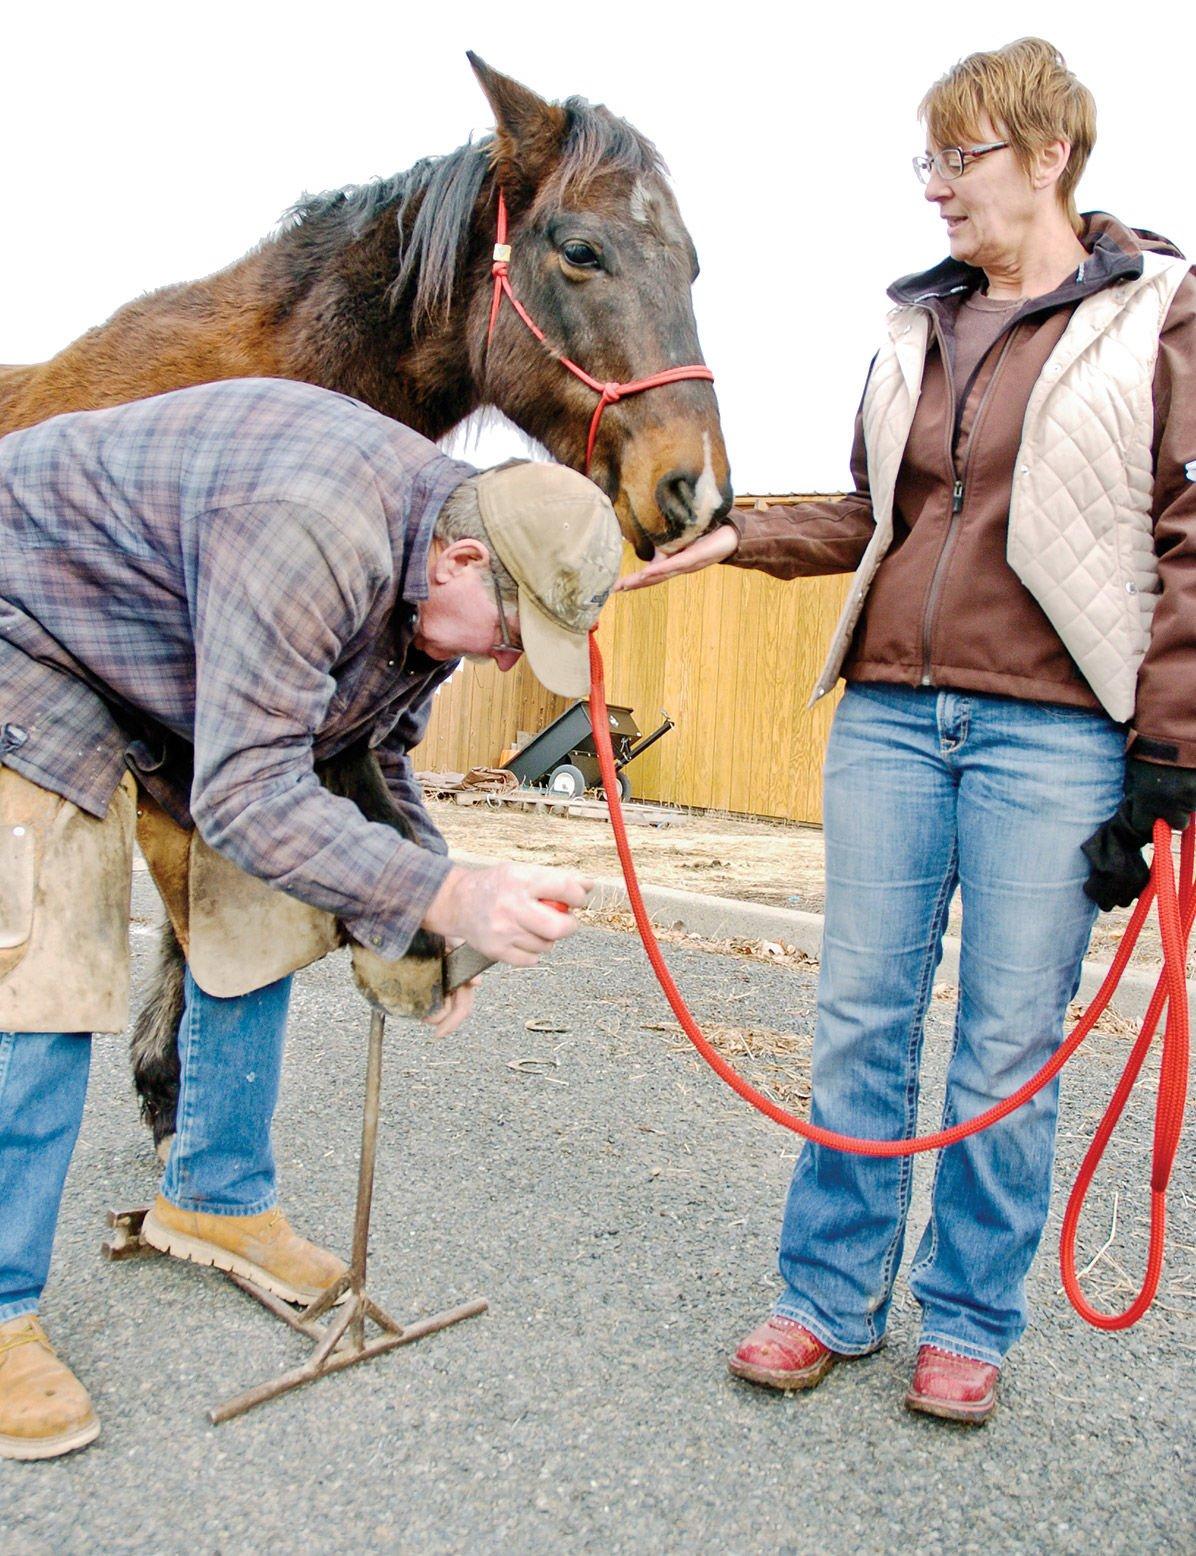 010320-NS_Horse-Norm-Trio-38_jc.jpg